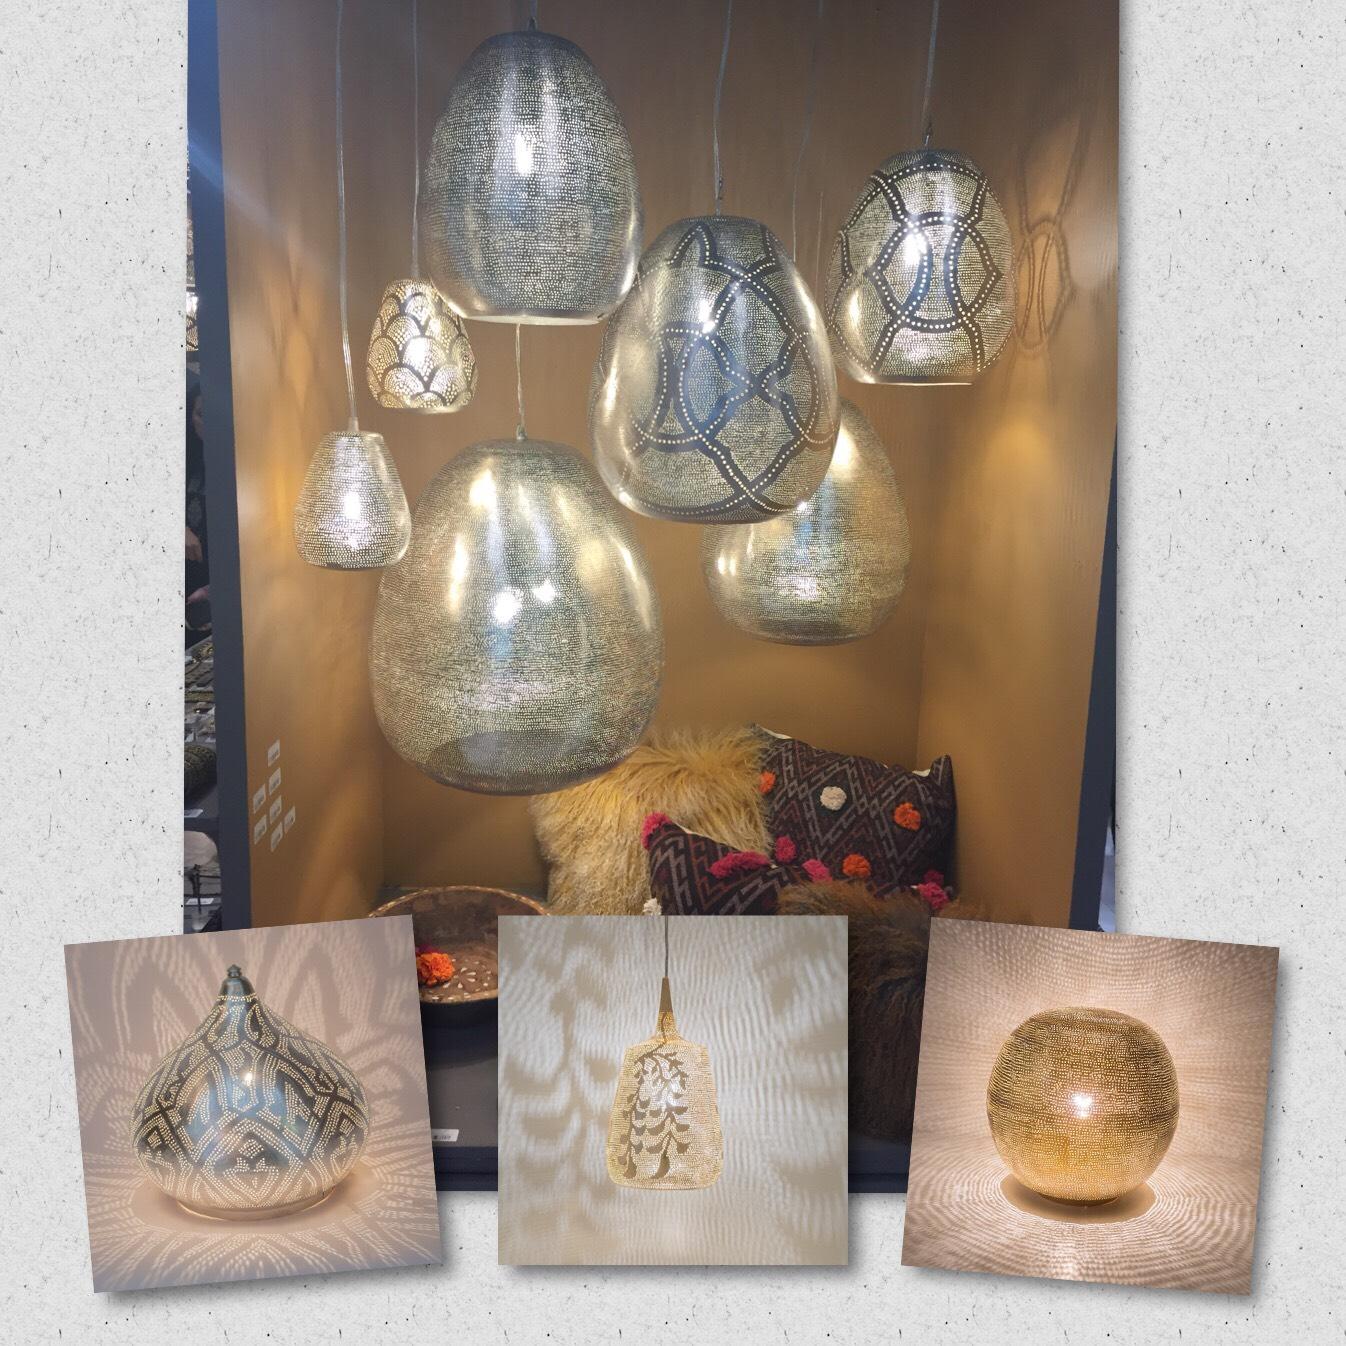 Zenza Home - Atmospheric Lighting